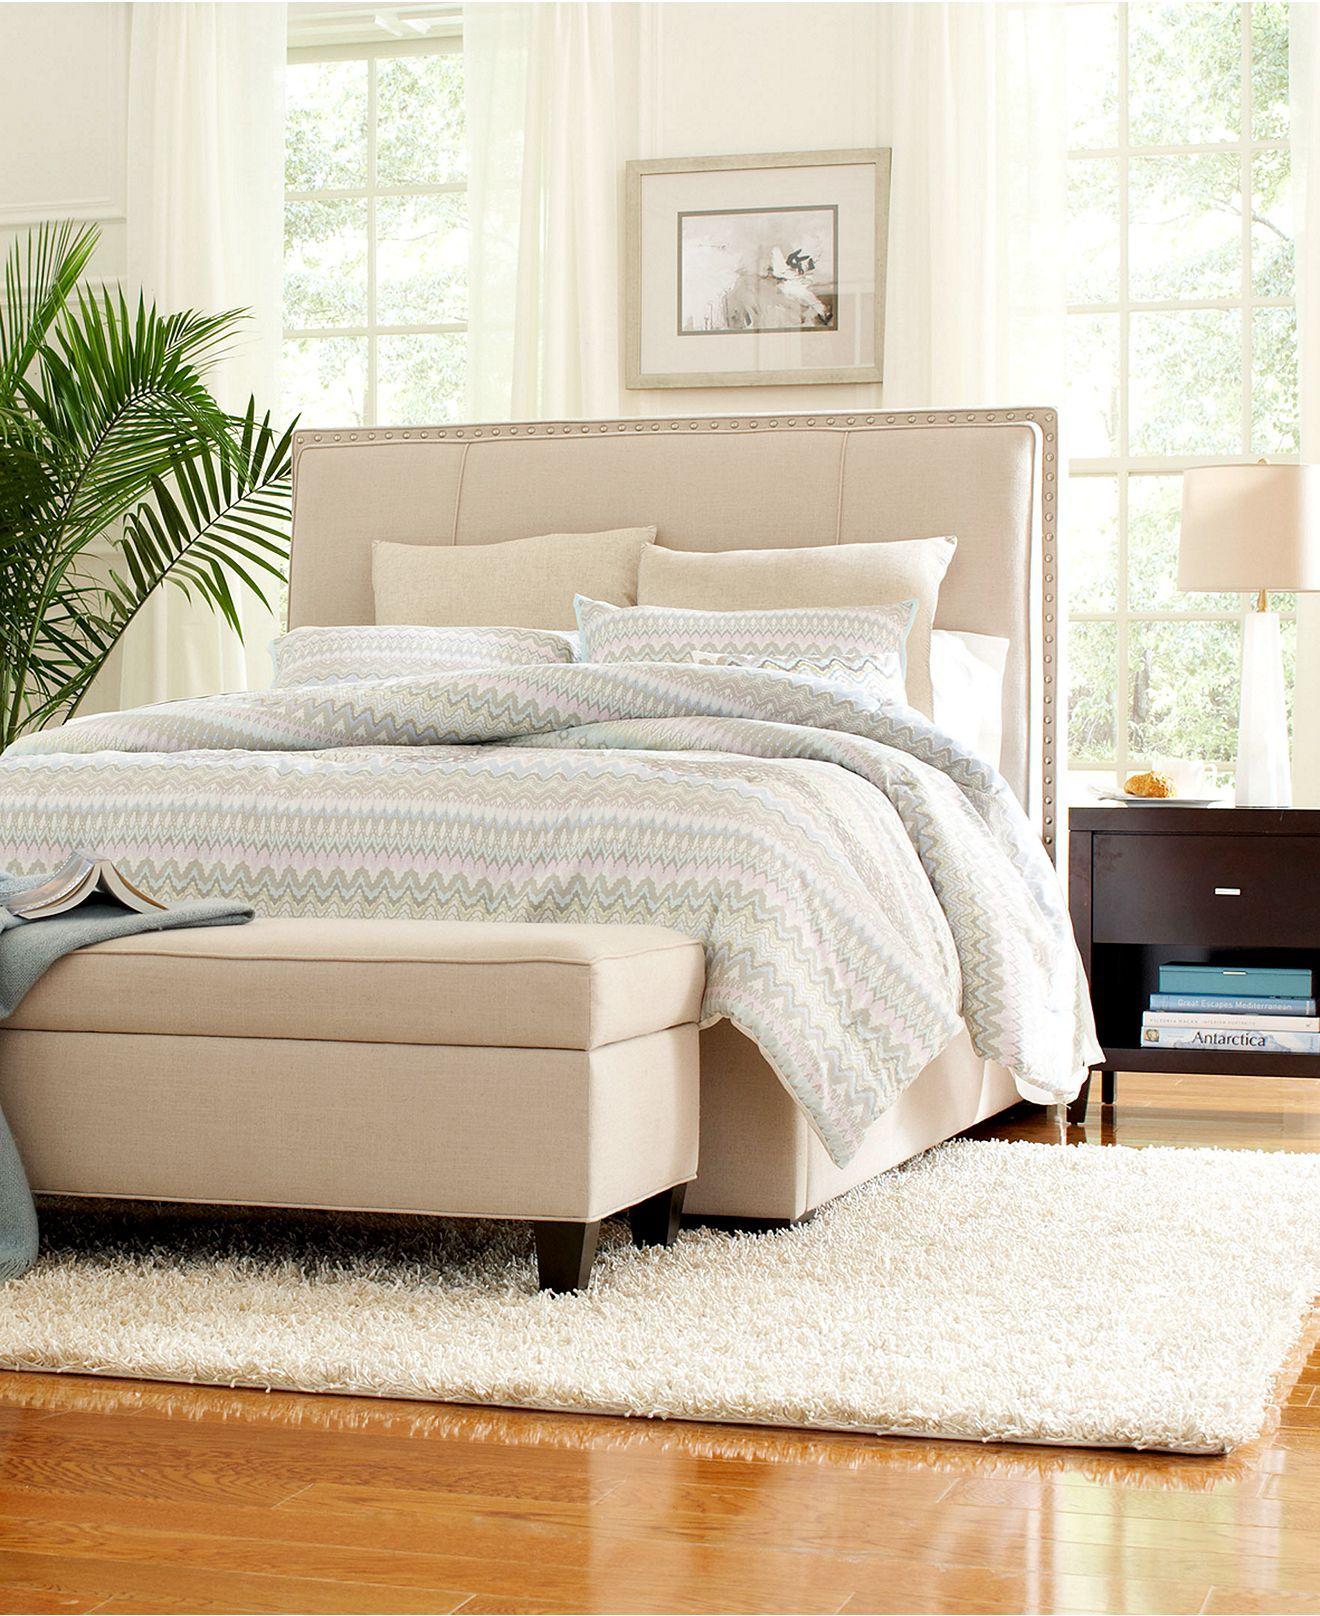 Macys Com Furniture: Logan Bedroom Furniture Sets & Pieces